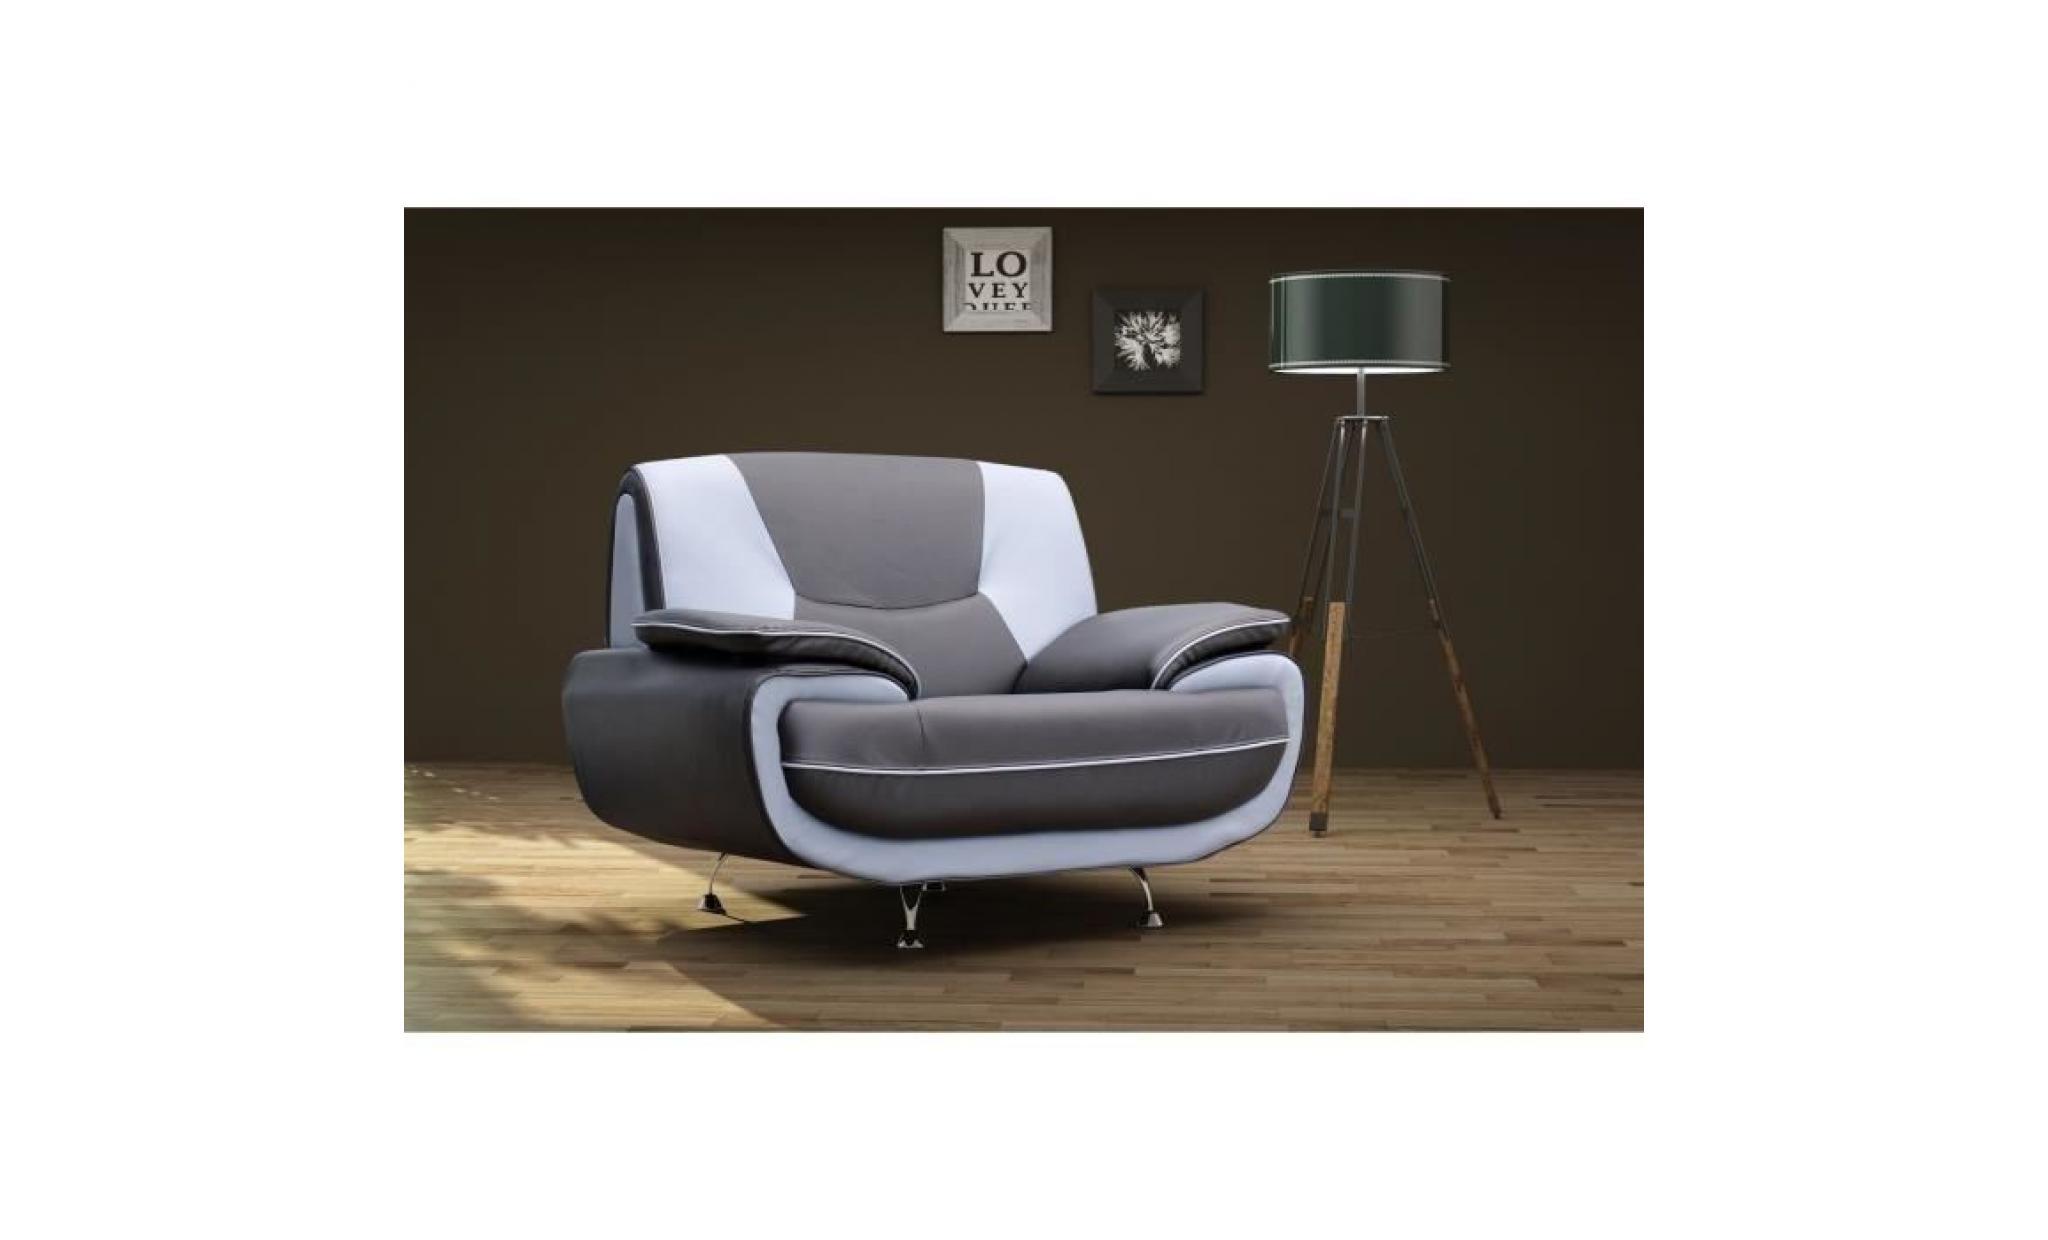 spacio fauteuil contemporain en simili noir et gris l 134 x p 85 cm